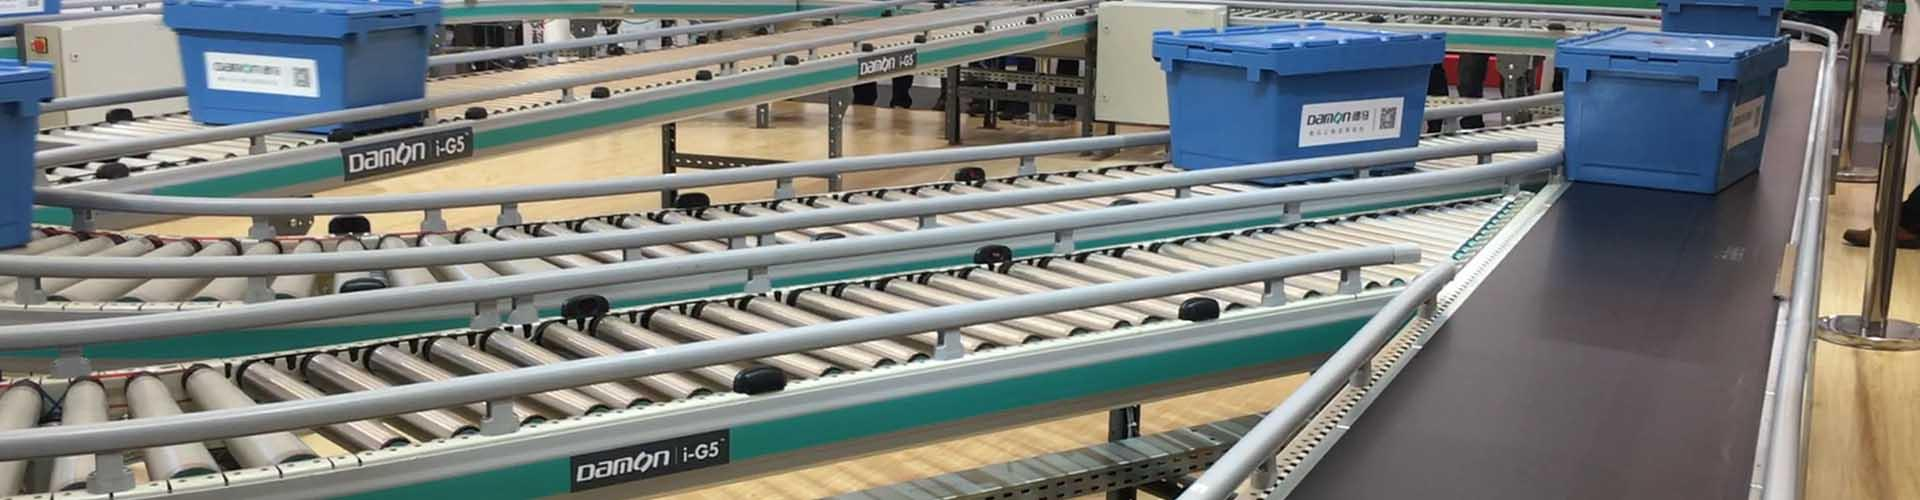 Carton Conveyor Systems